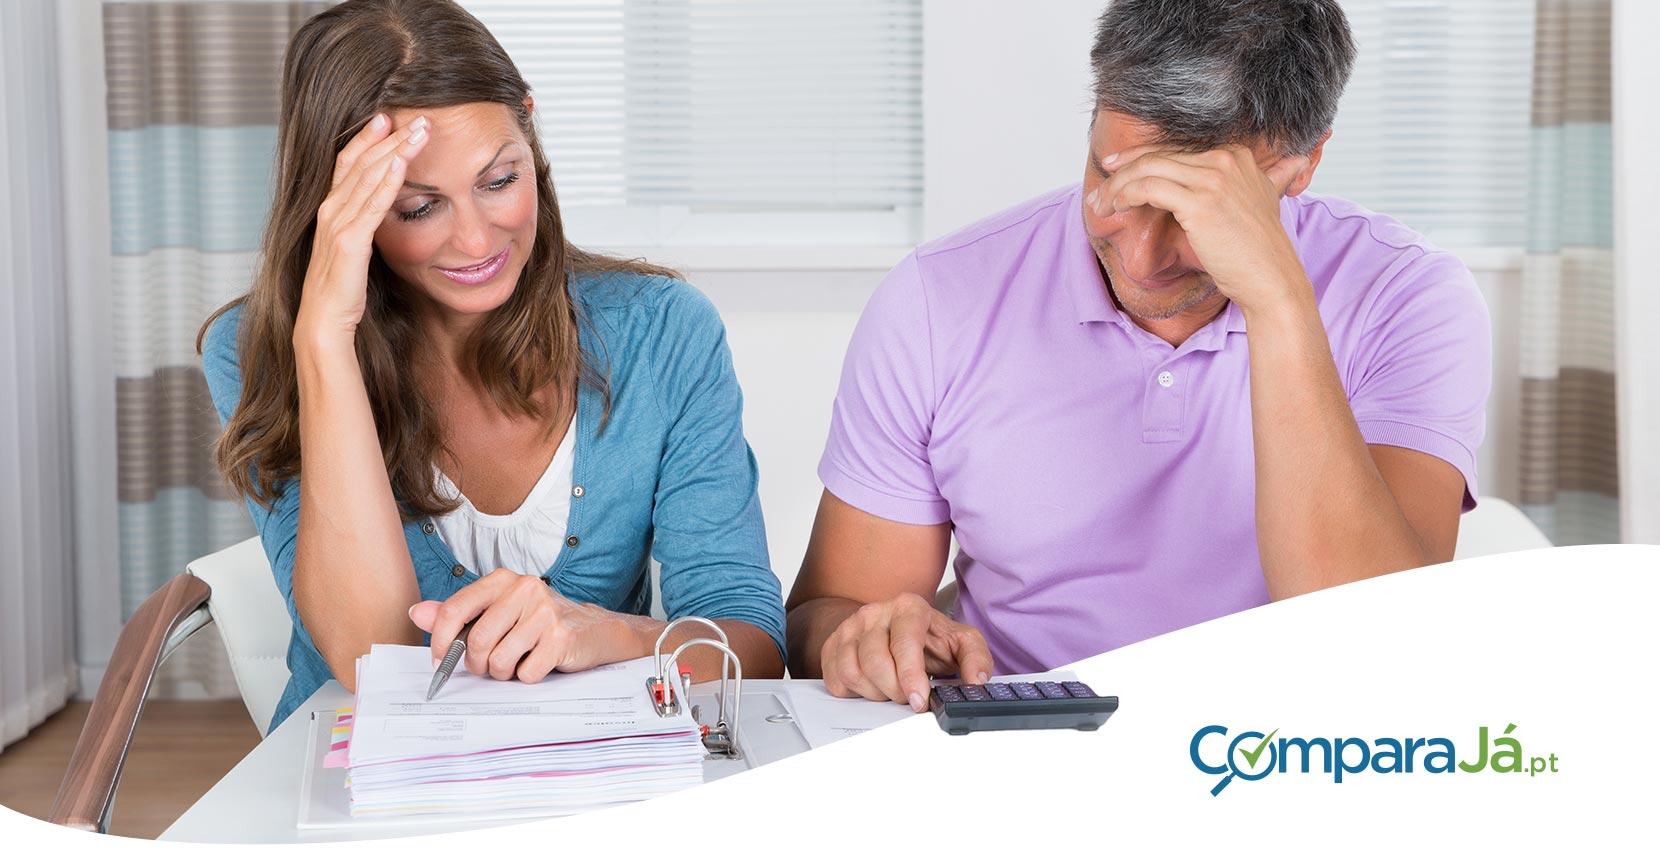 Os 5 Piores Conselhos Que Pode Ouvir se Quiser Pedir um Empréstimo Pessoal